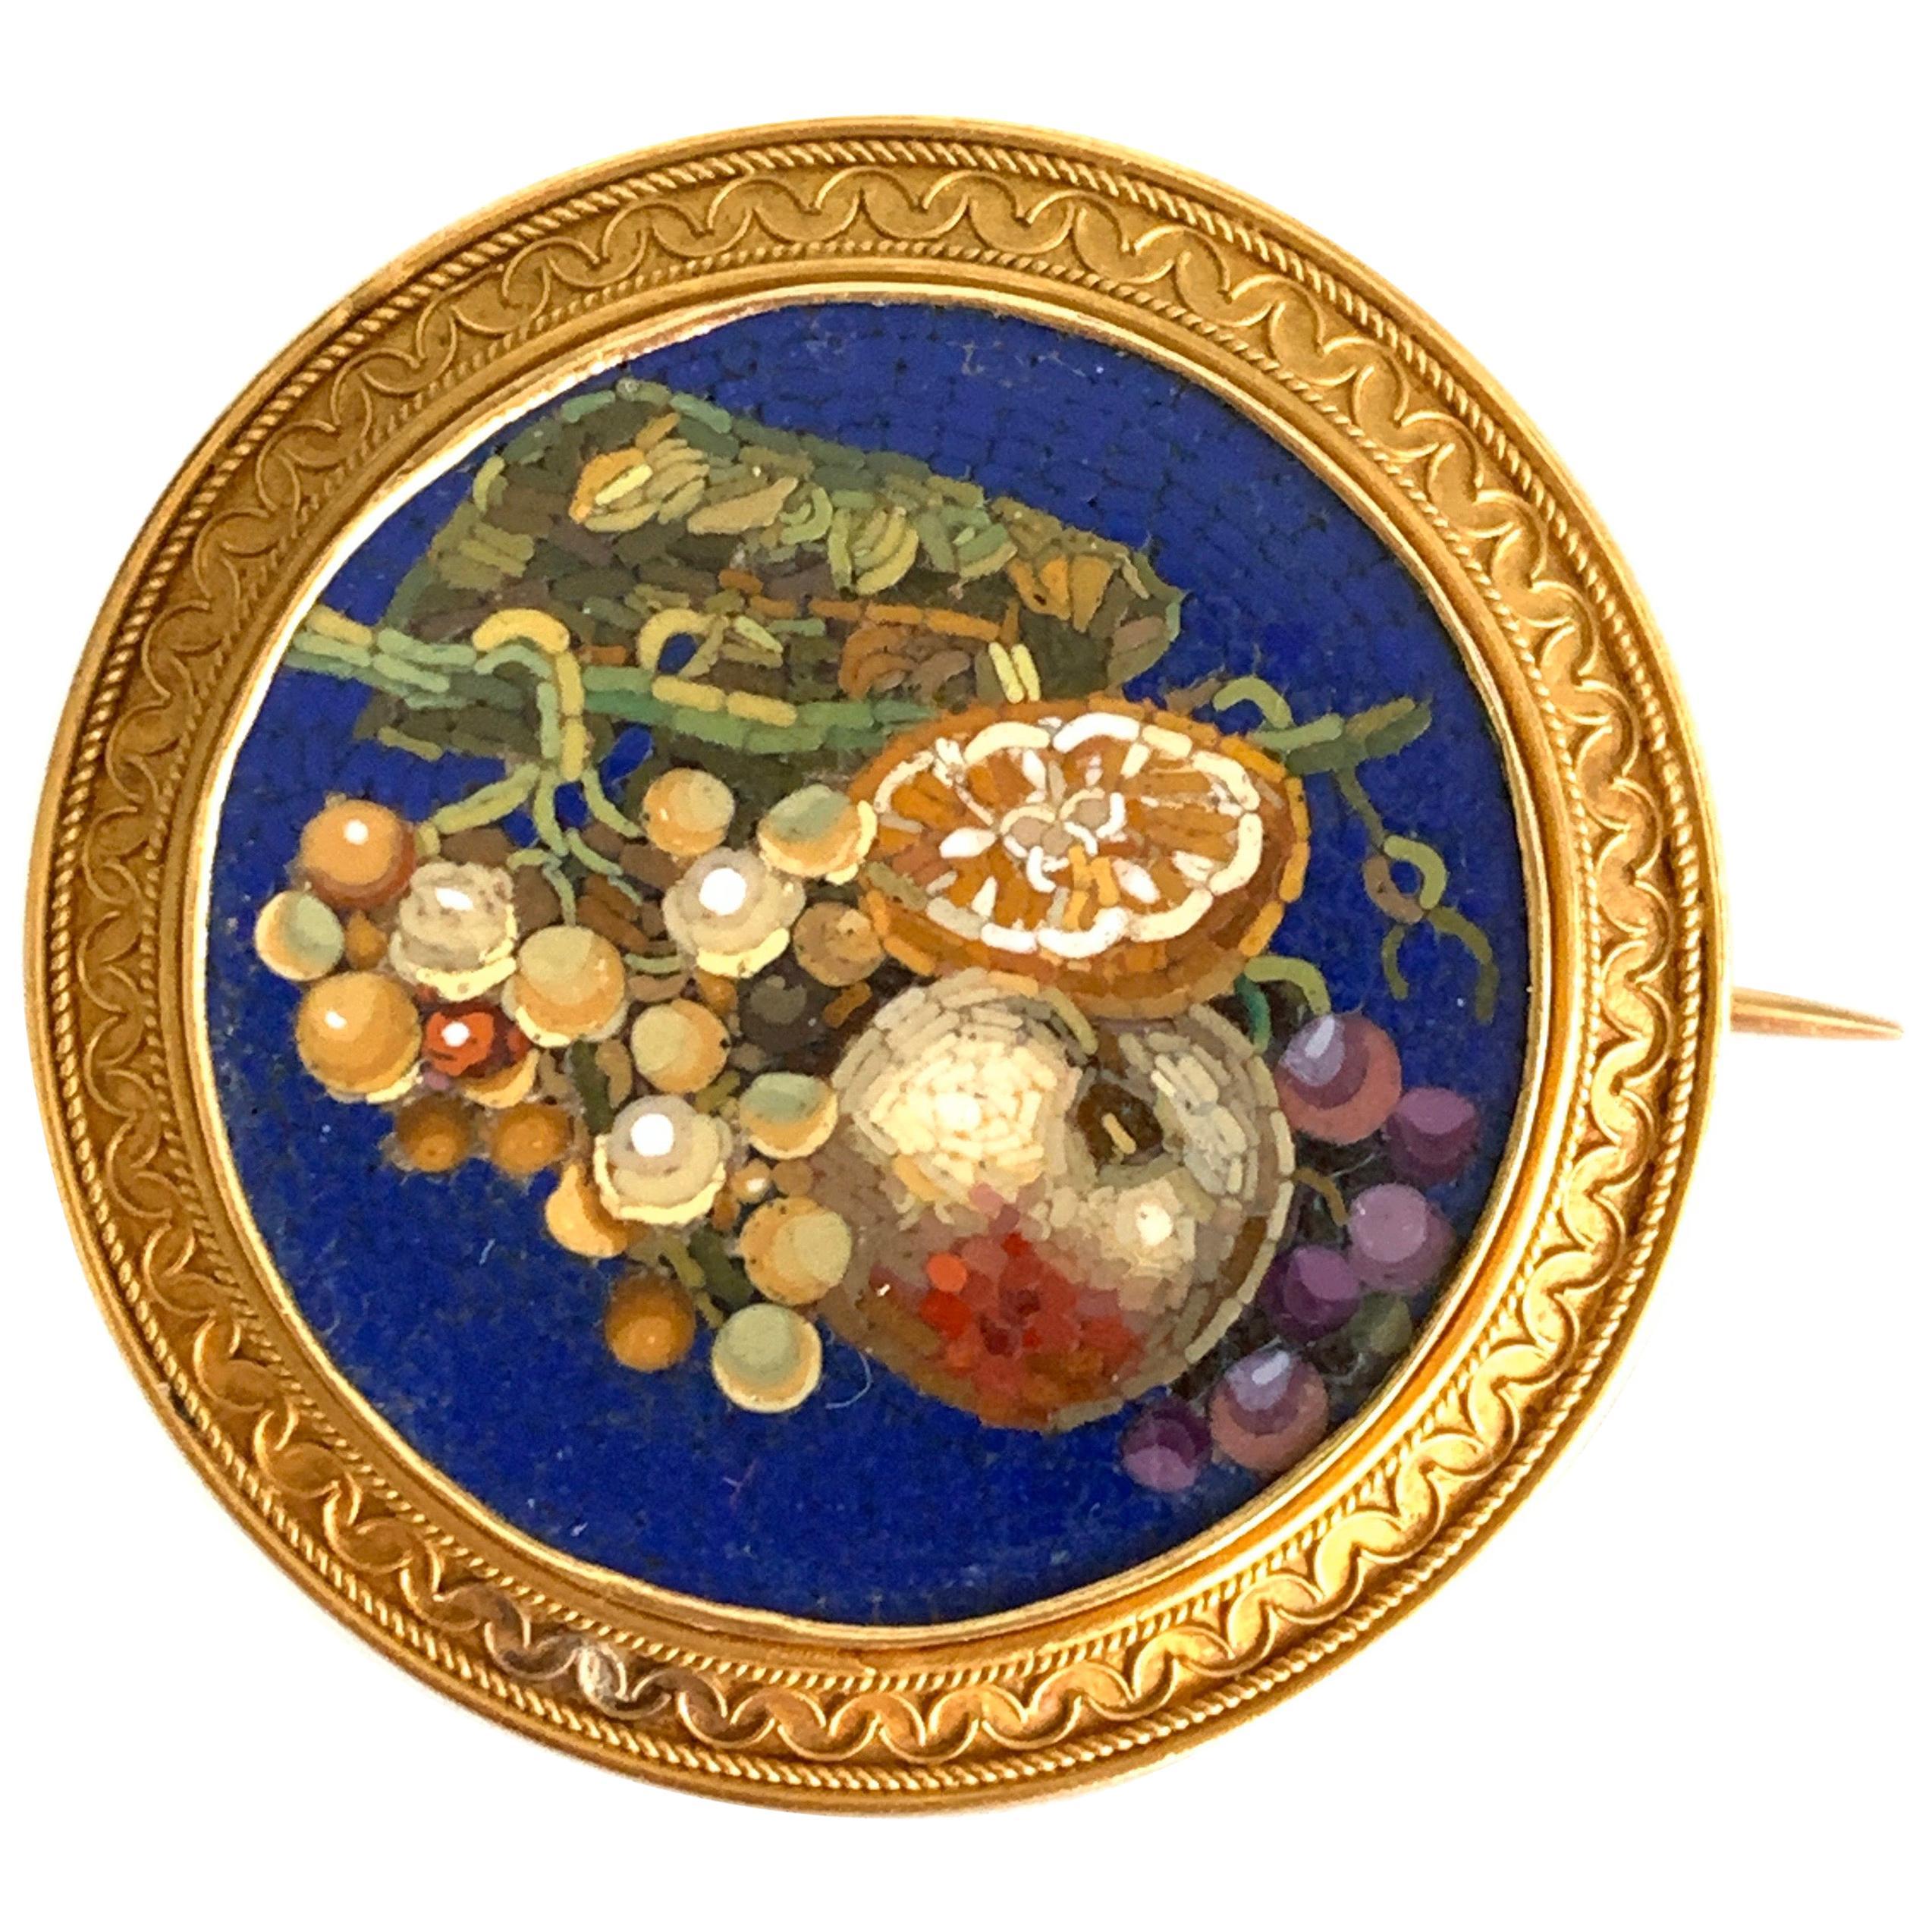 Gemolithos, Victorian Micro Mosaic Brooch, circa 1860s